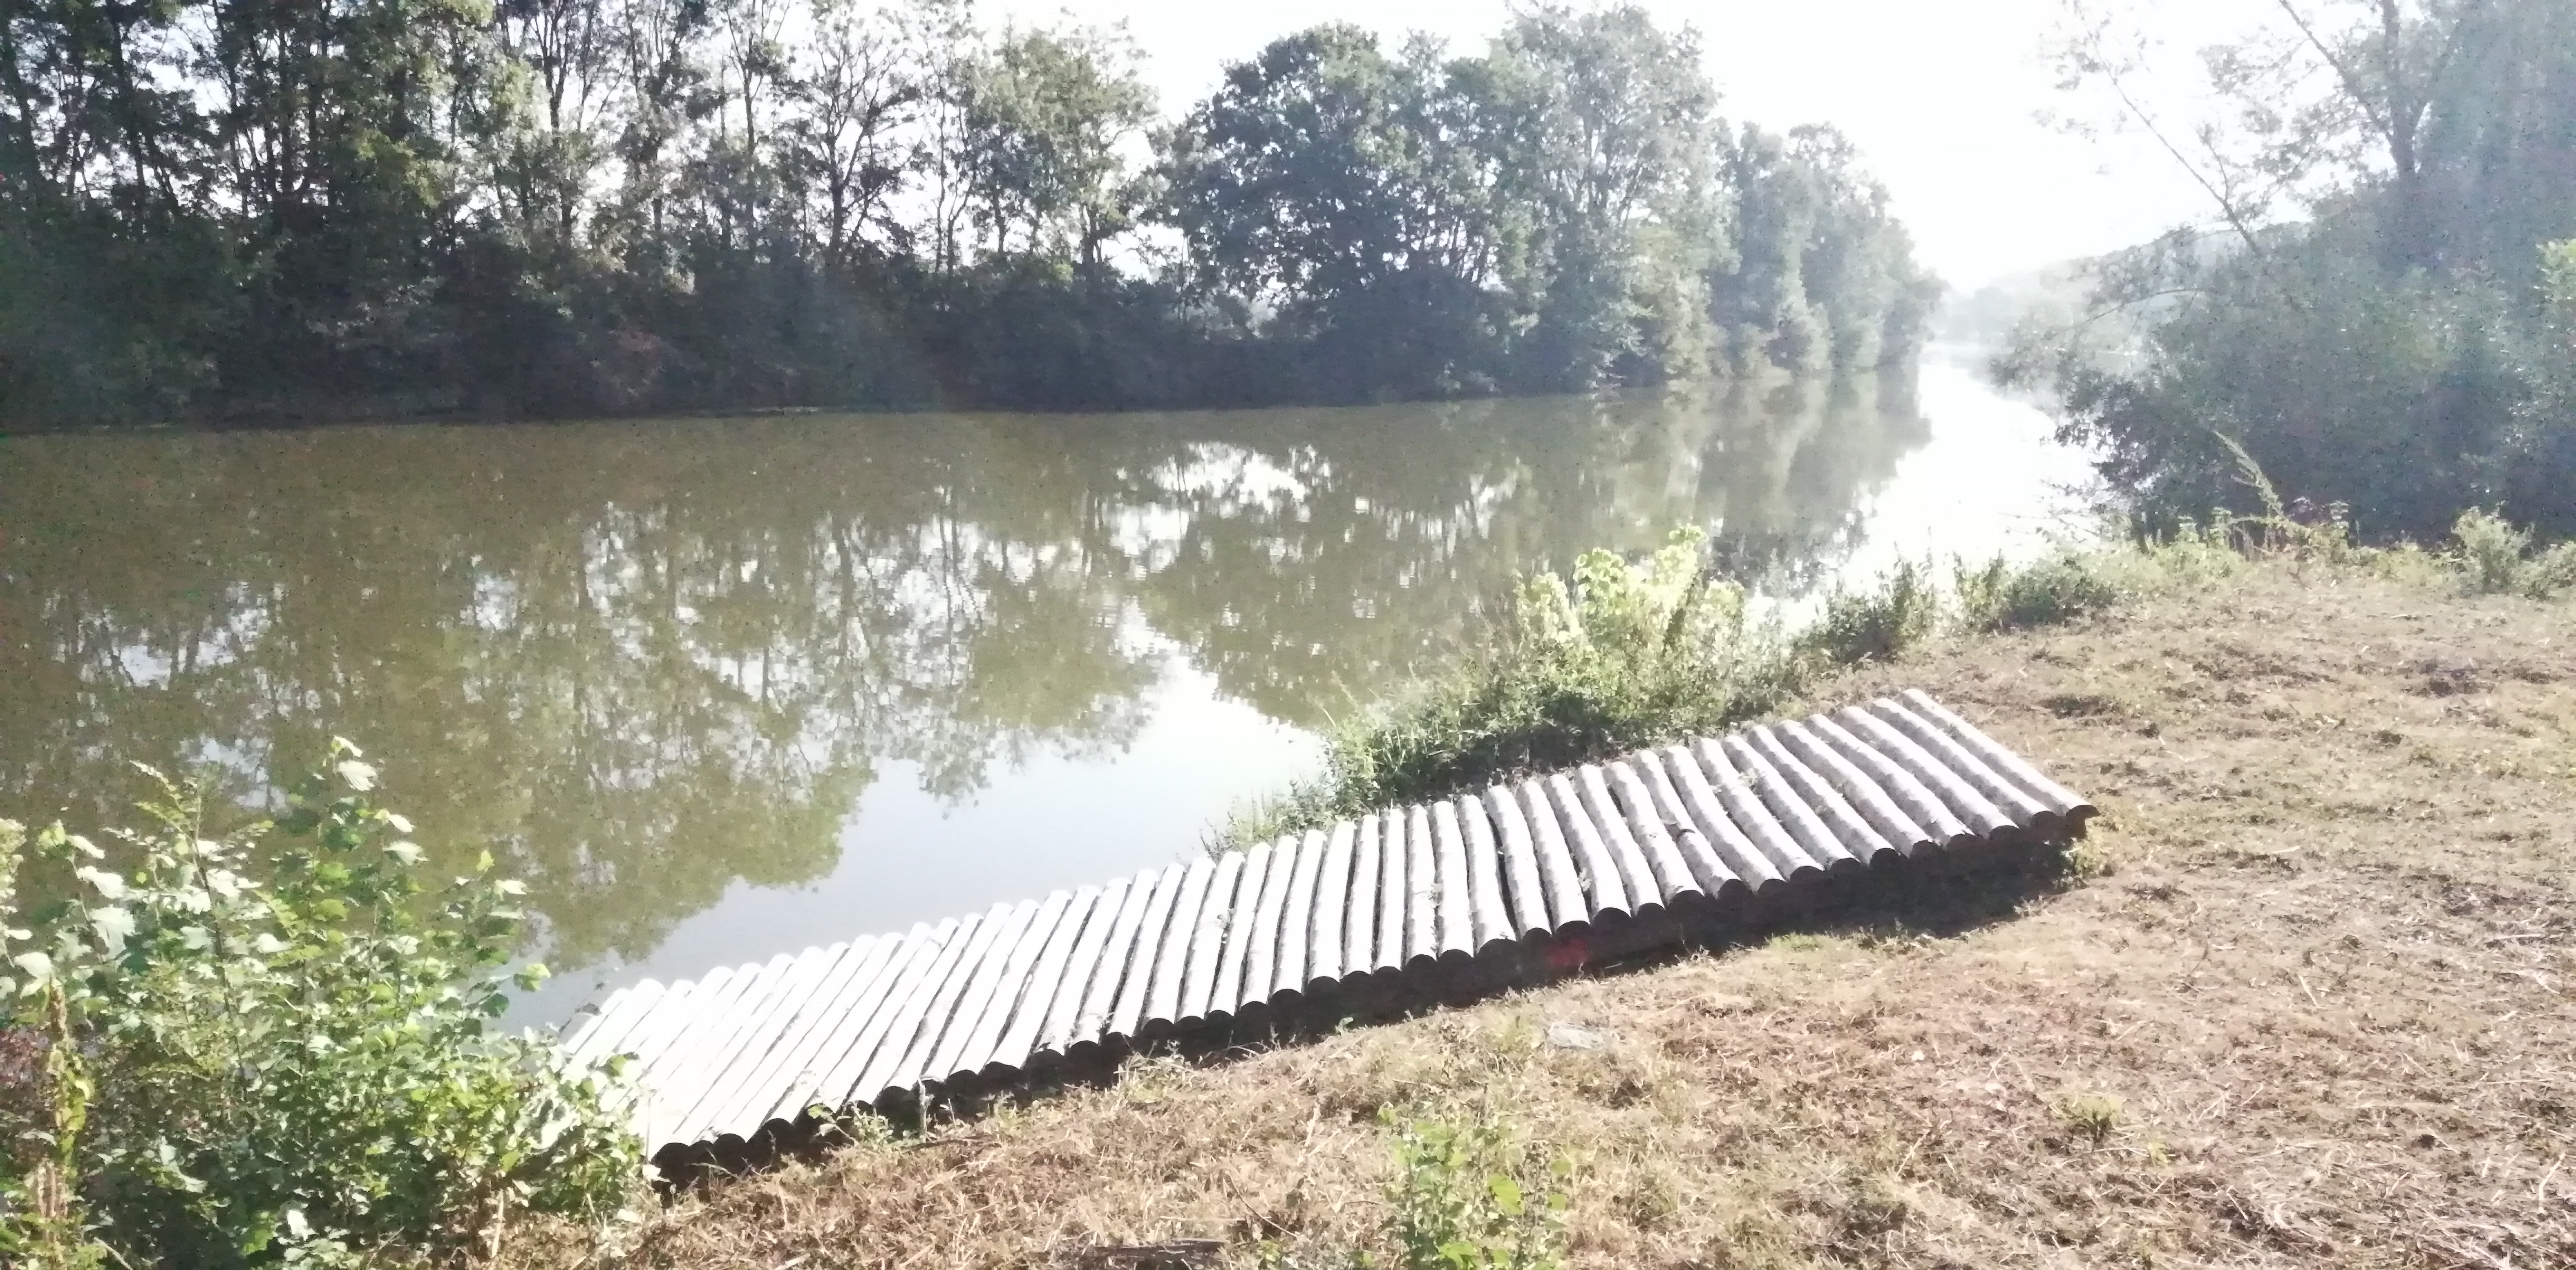 Dunes des charmes - Sermoyer - Rampe d'accès pour bateaux et canoës